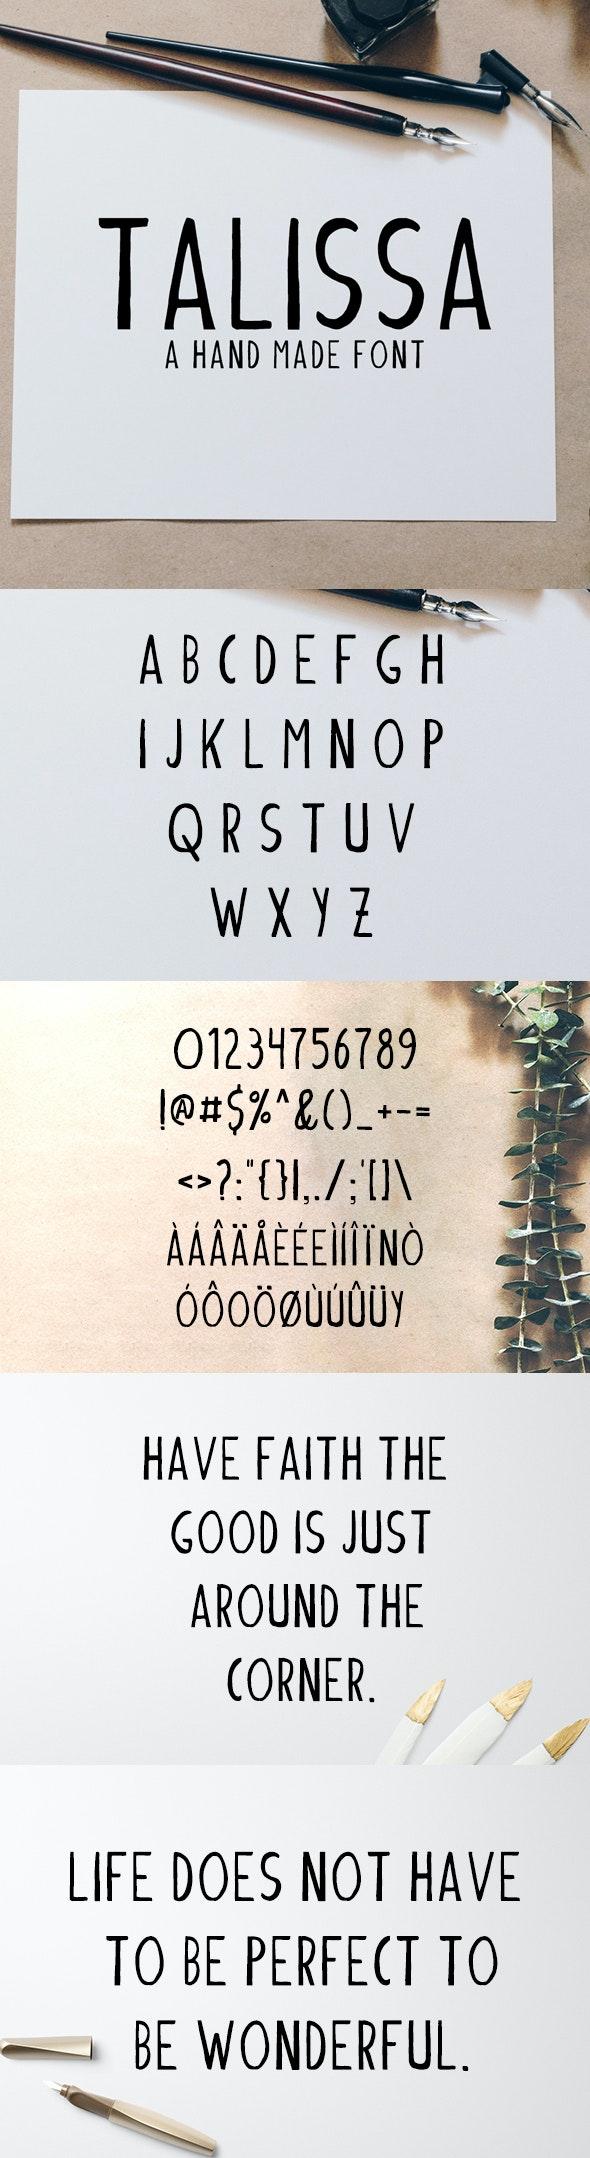 Talissa A Handmade Font - Hand-writing Script